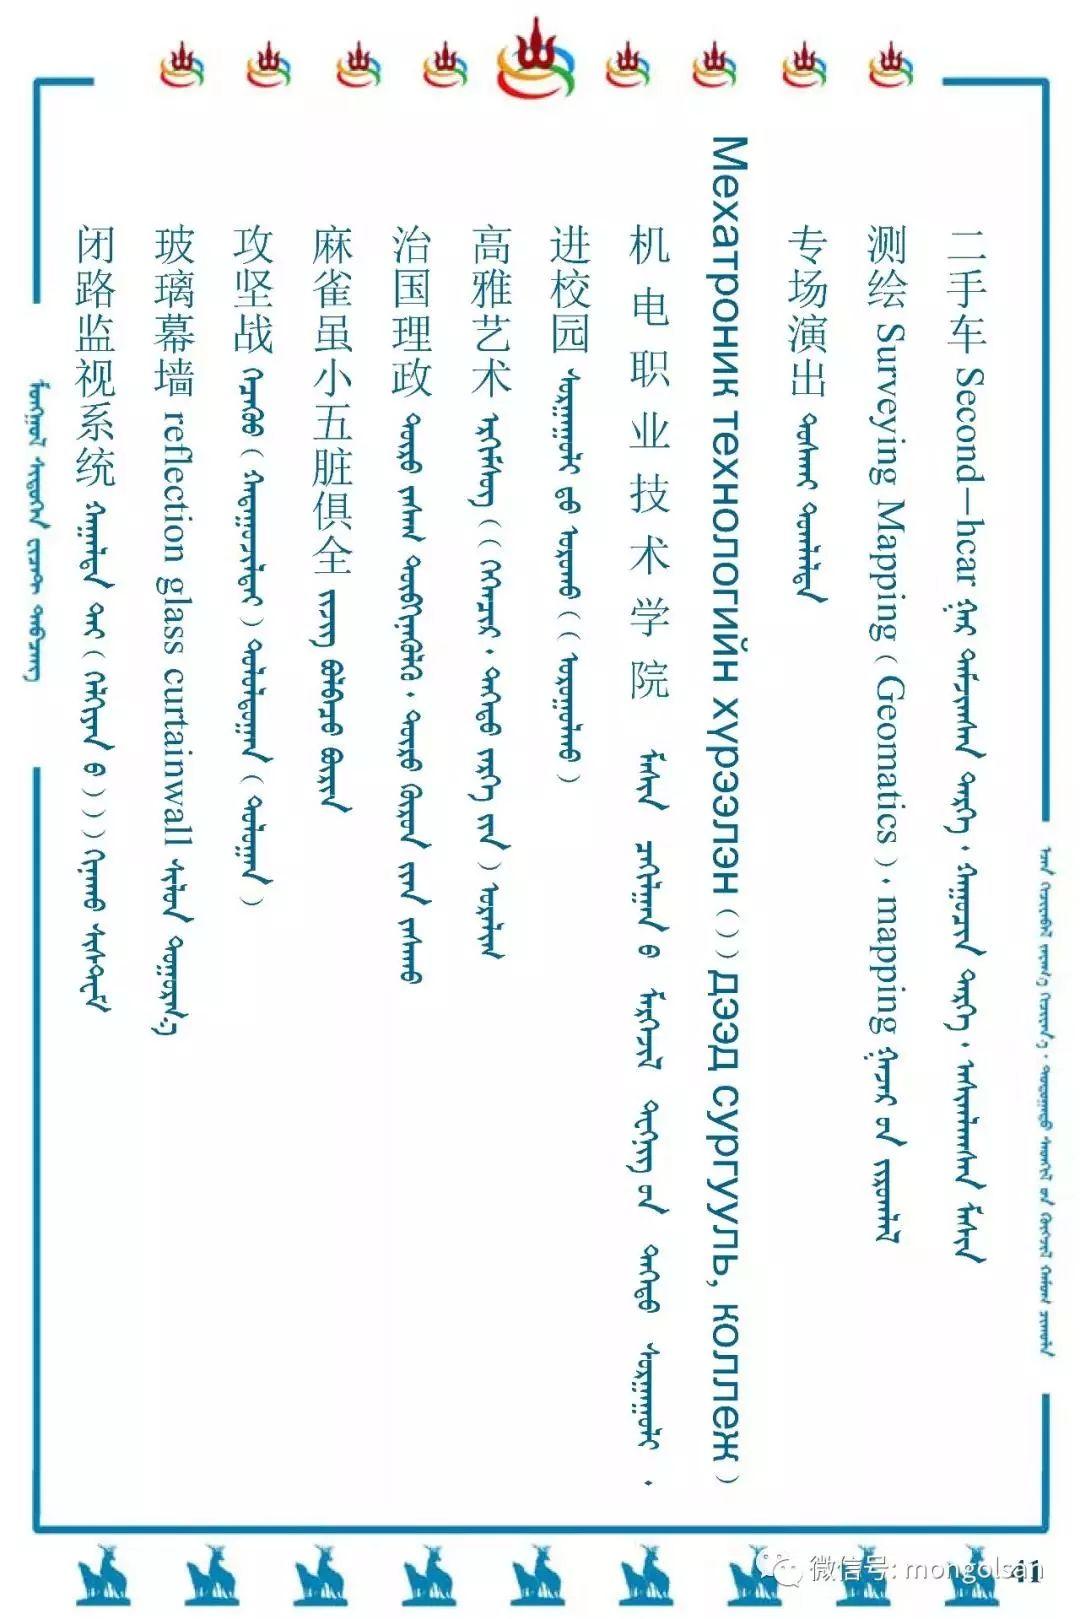 最新名词蒙古语翻译参考 第41张